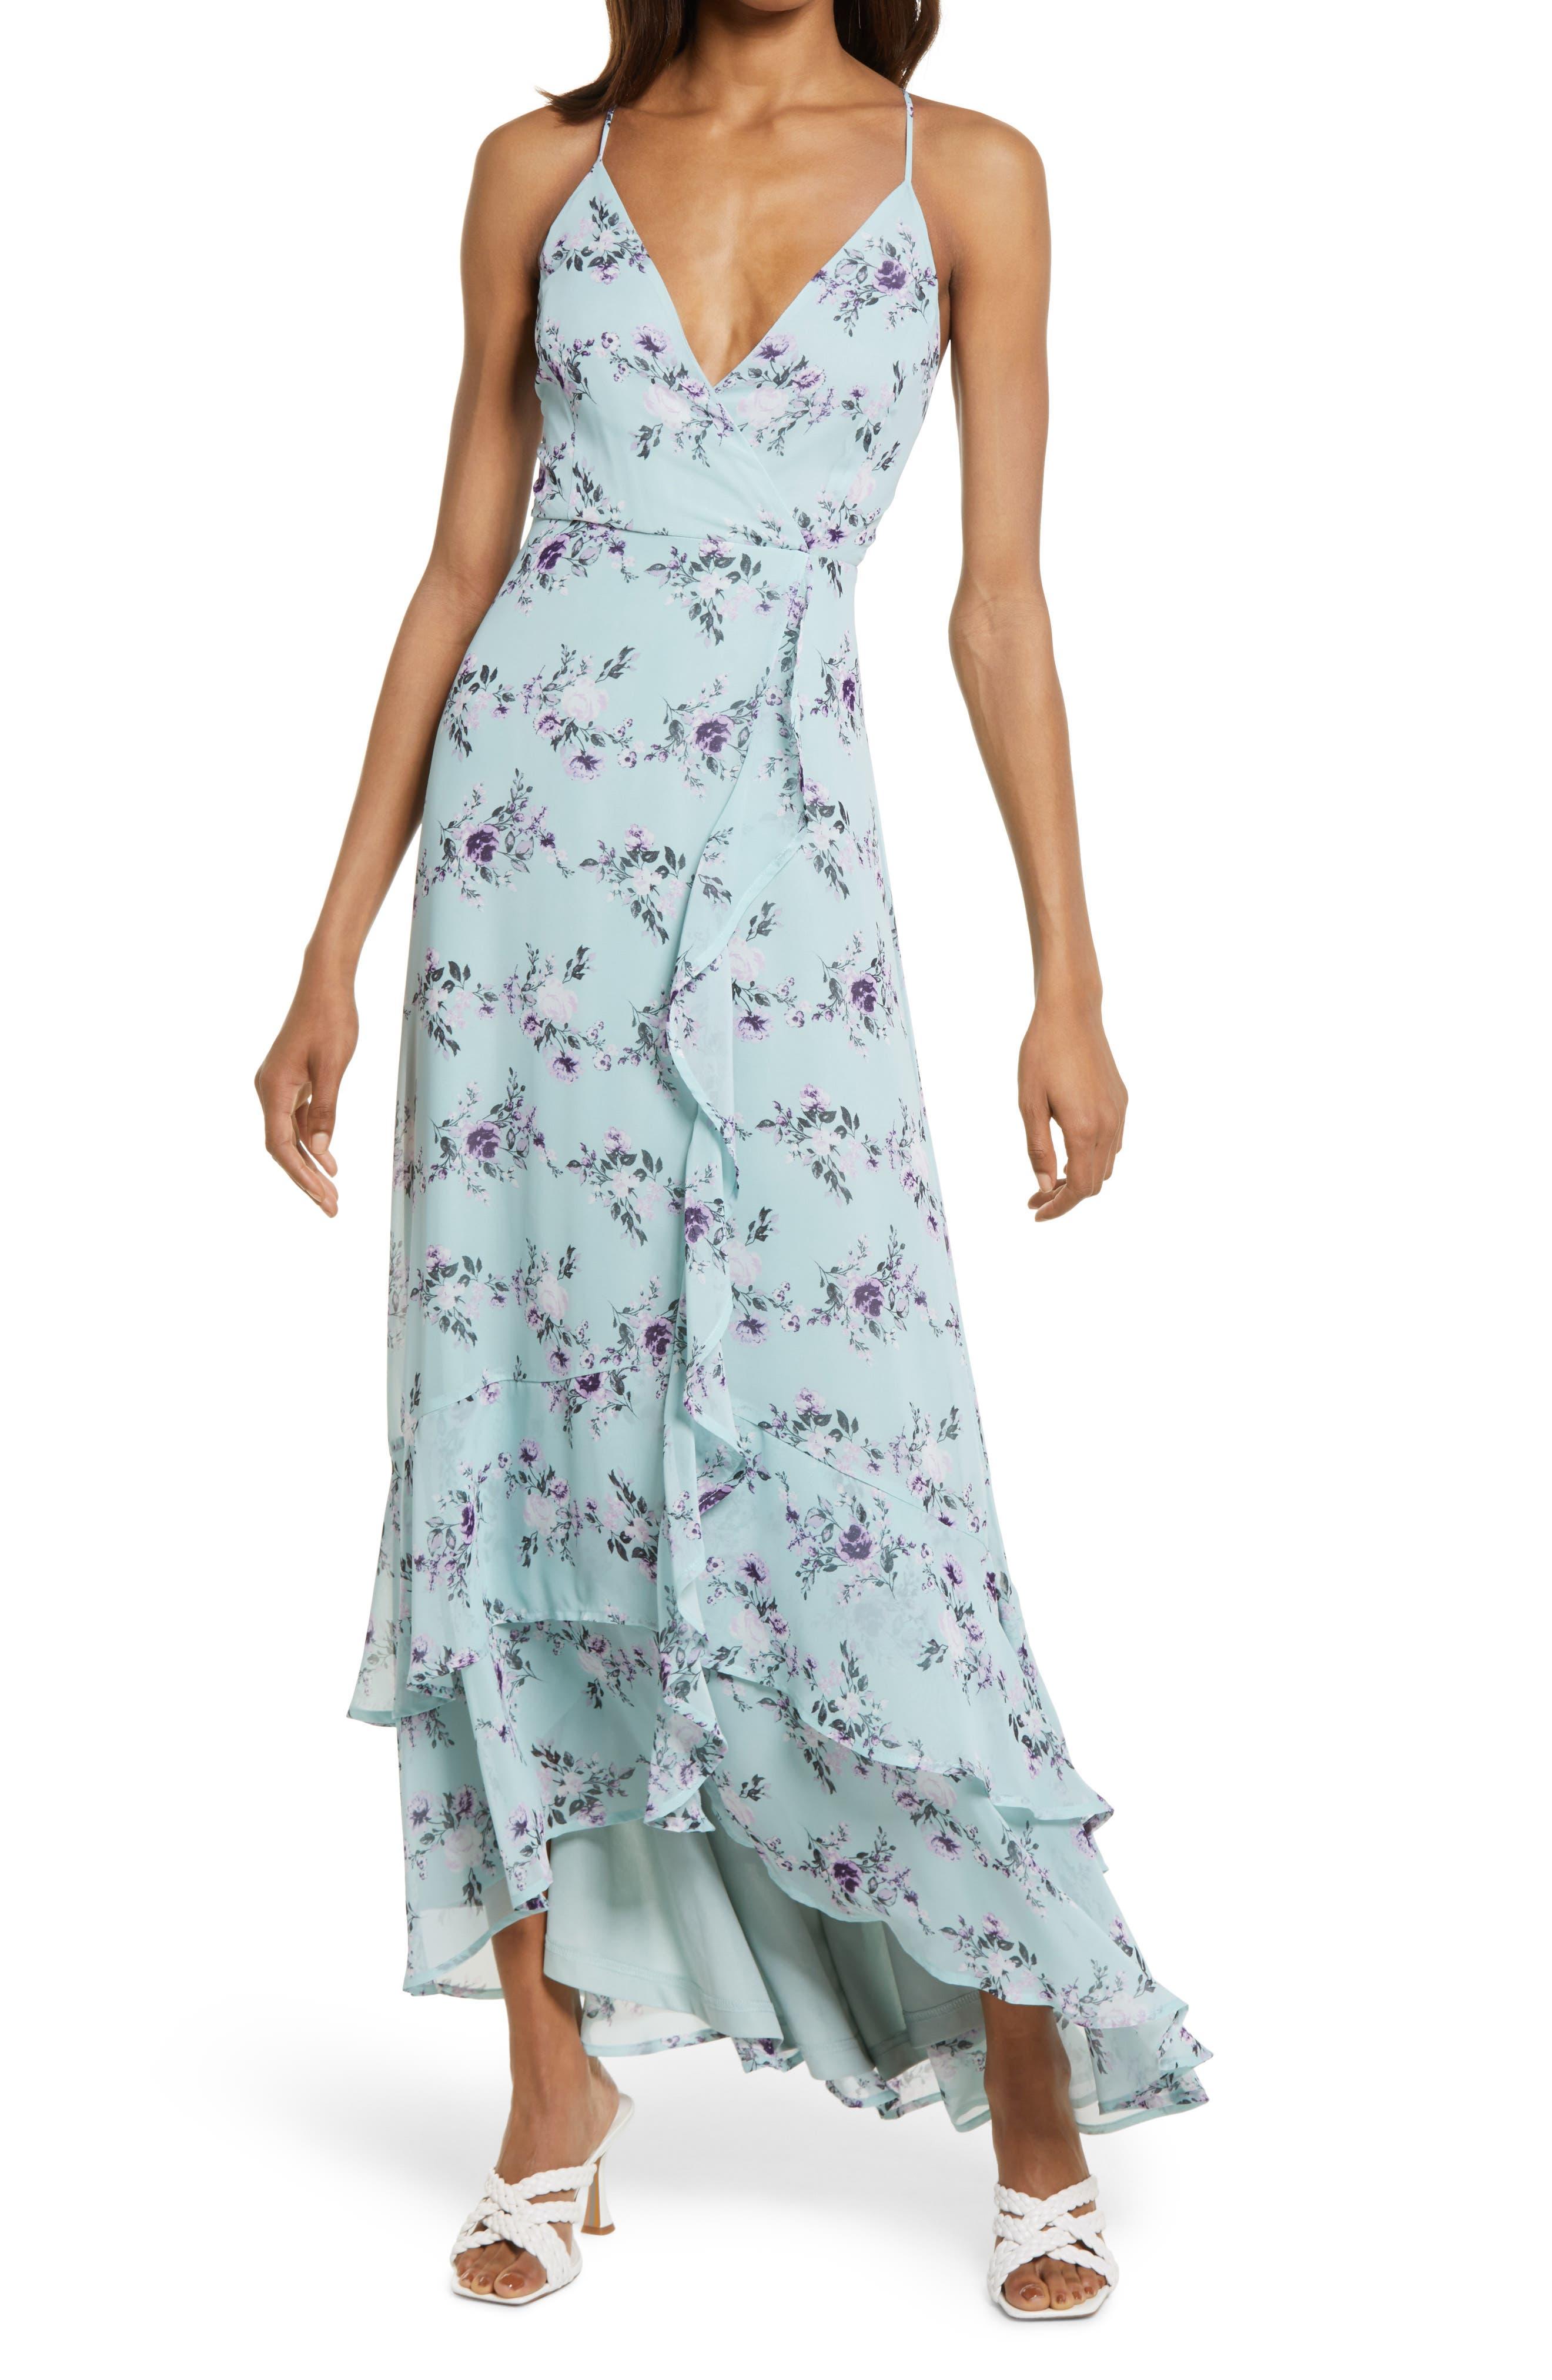 In Love Forever Midi Dress